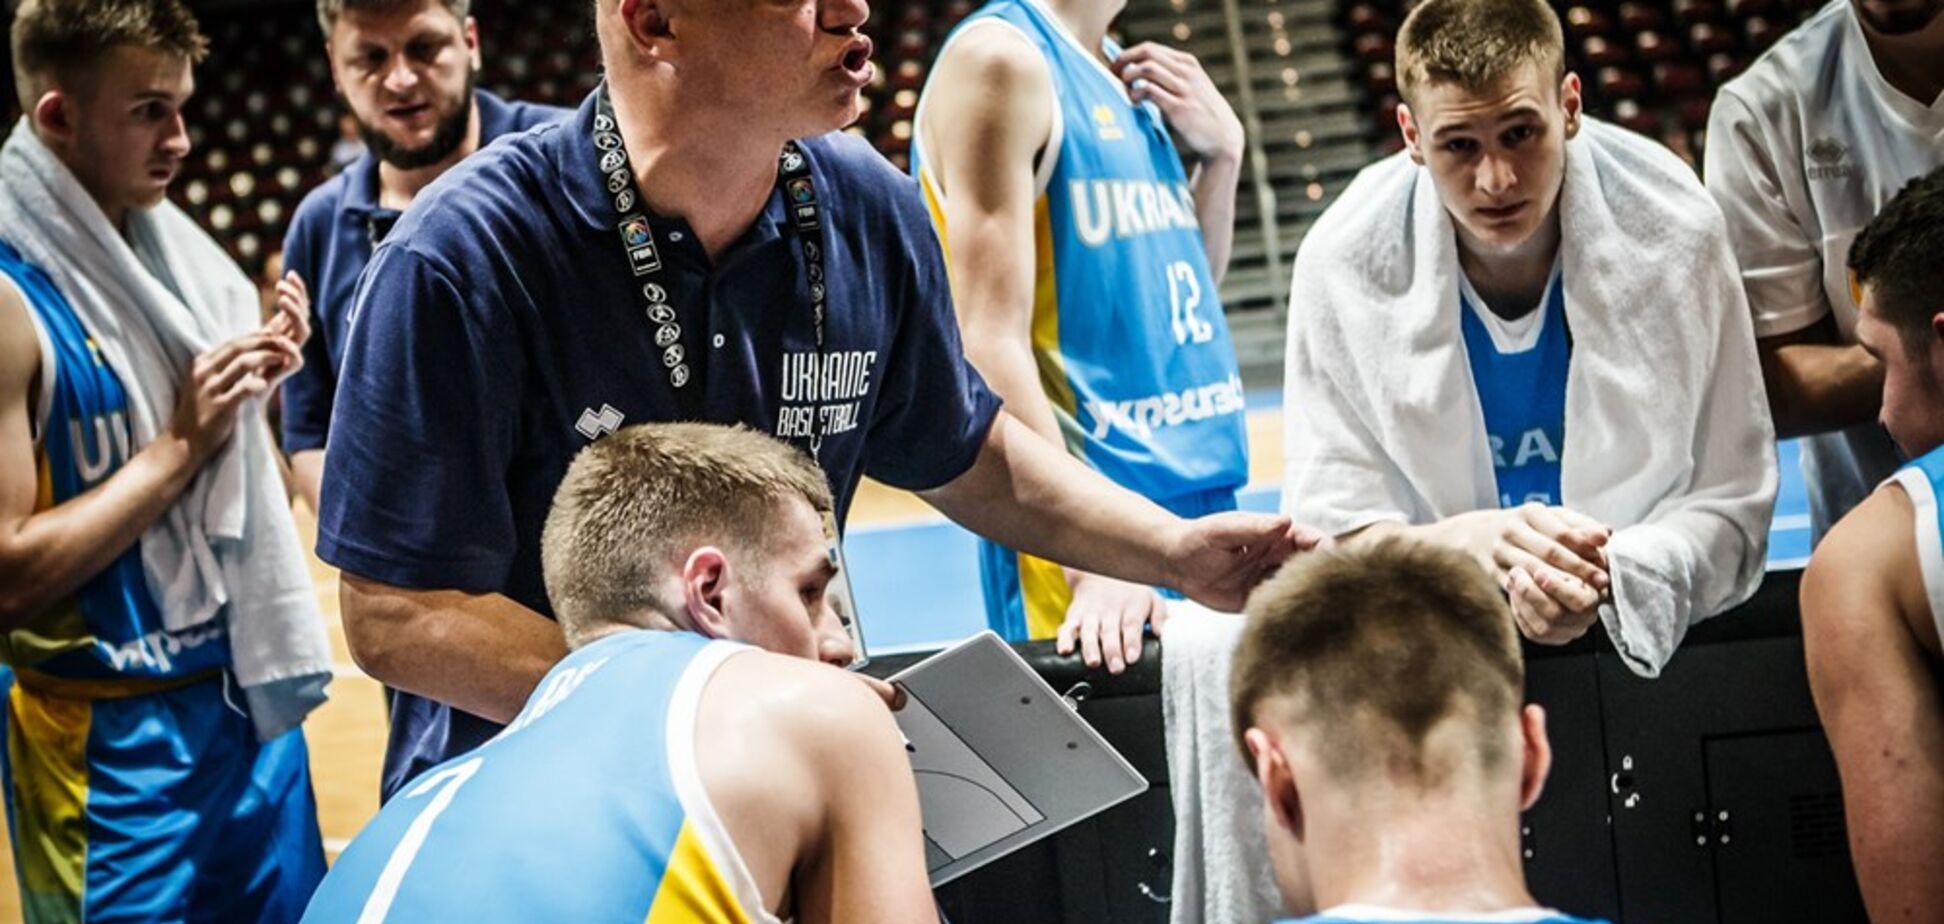 Збірна України поступилася в 2-му турі Євробаскету U-20